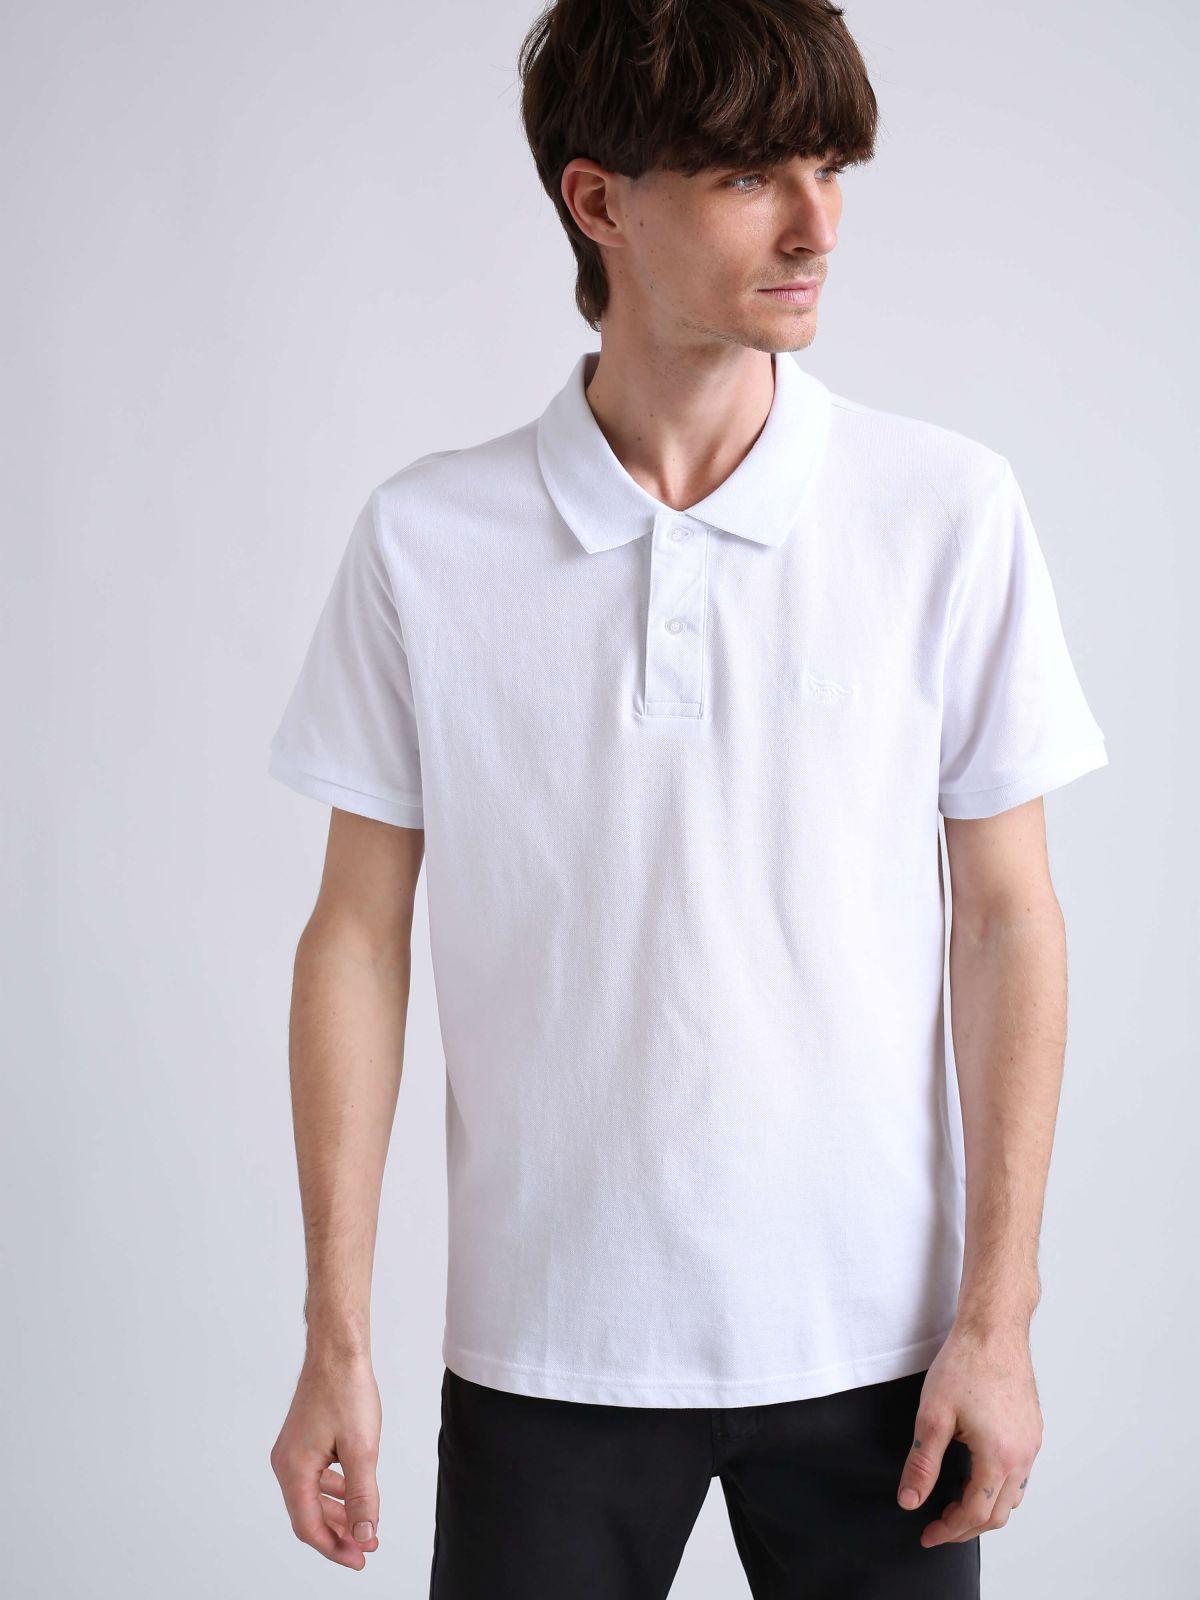 חולצת פולו קלאסית חלקהחולצת פולו קלאסית חלקה של FOX